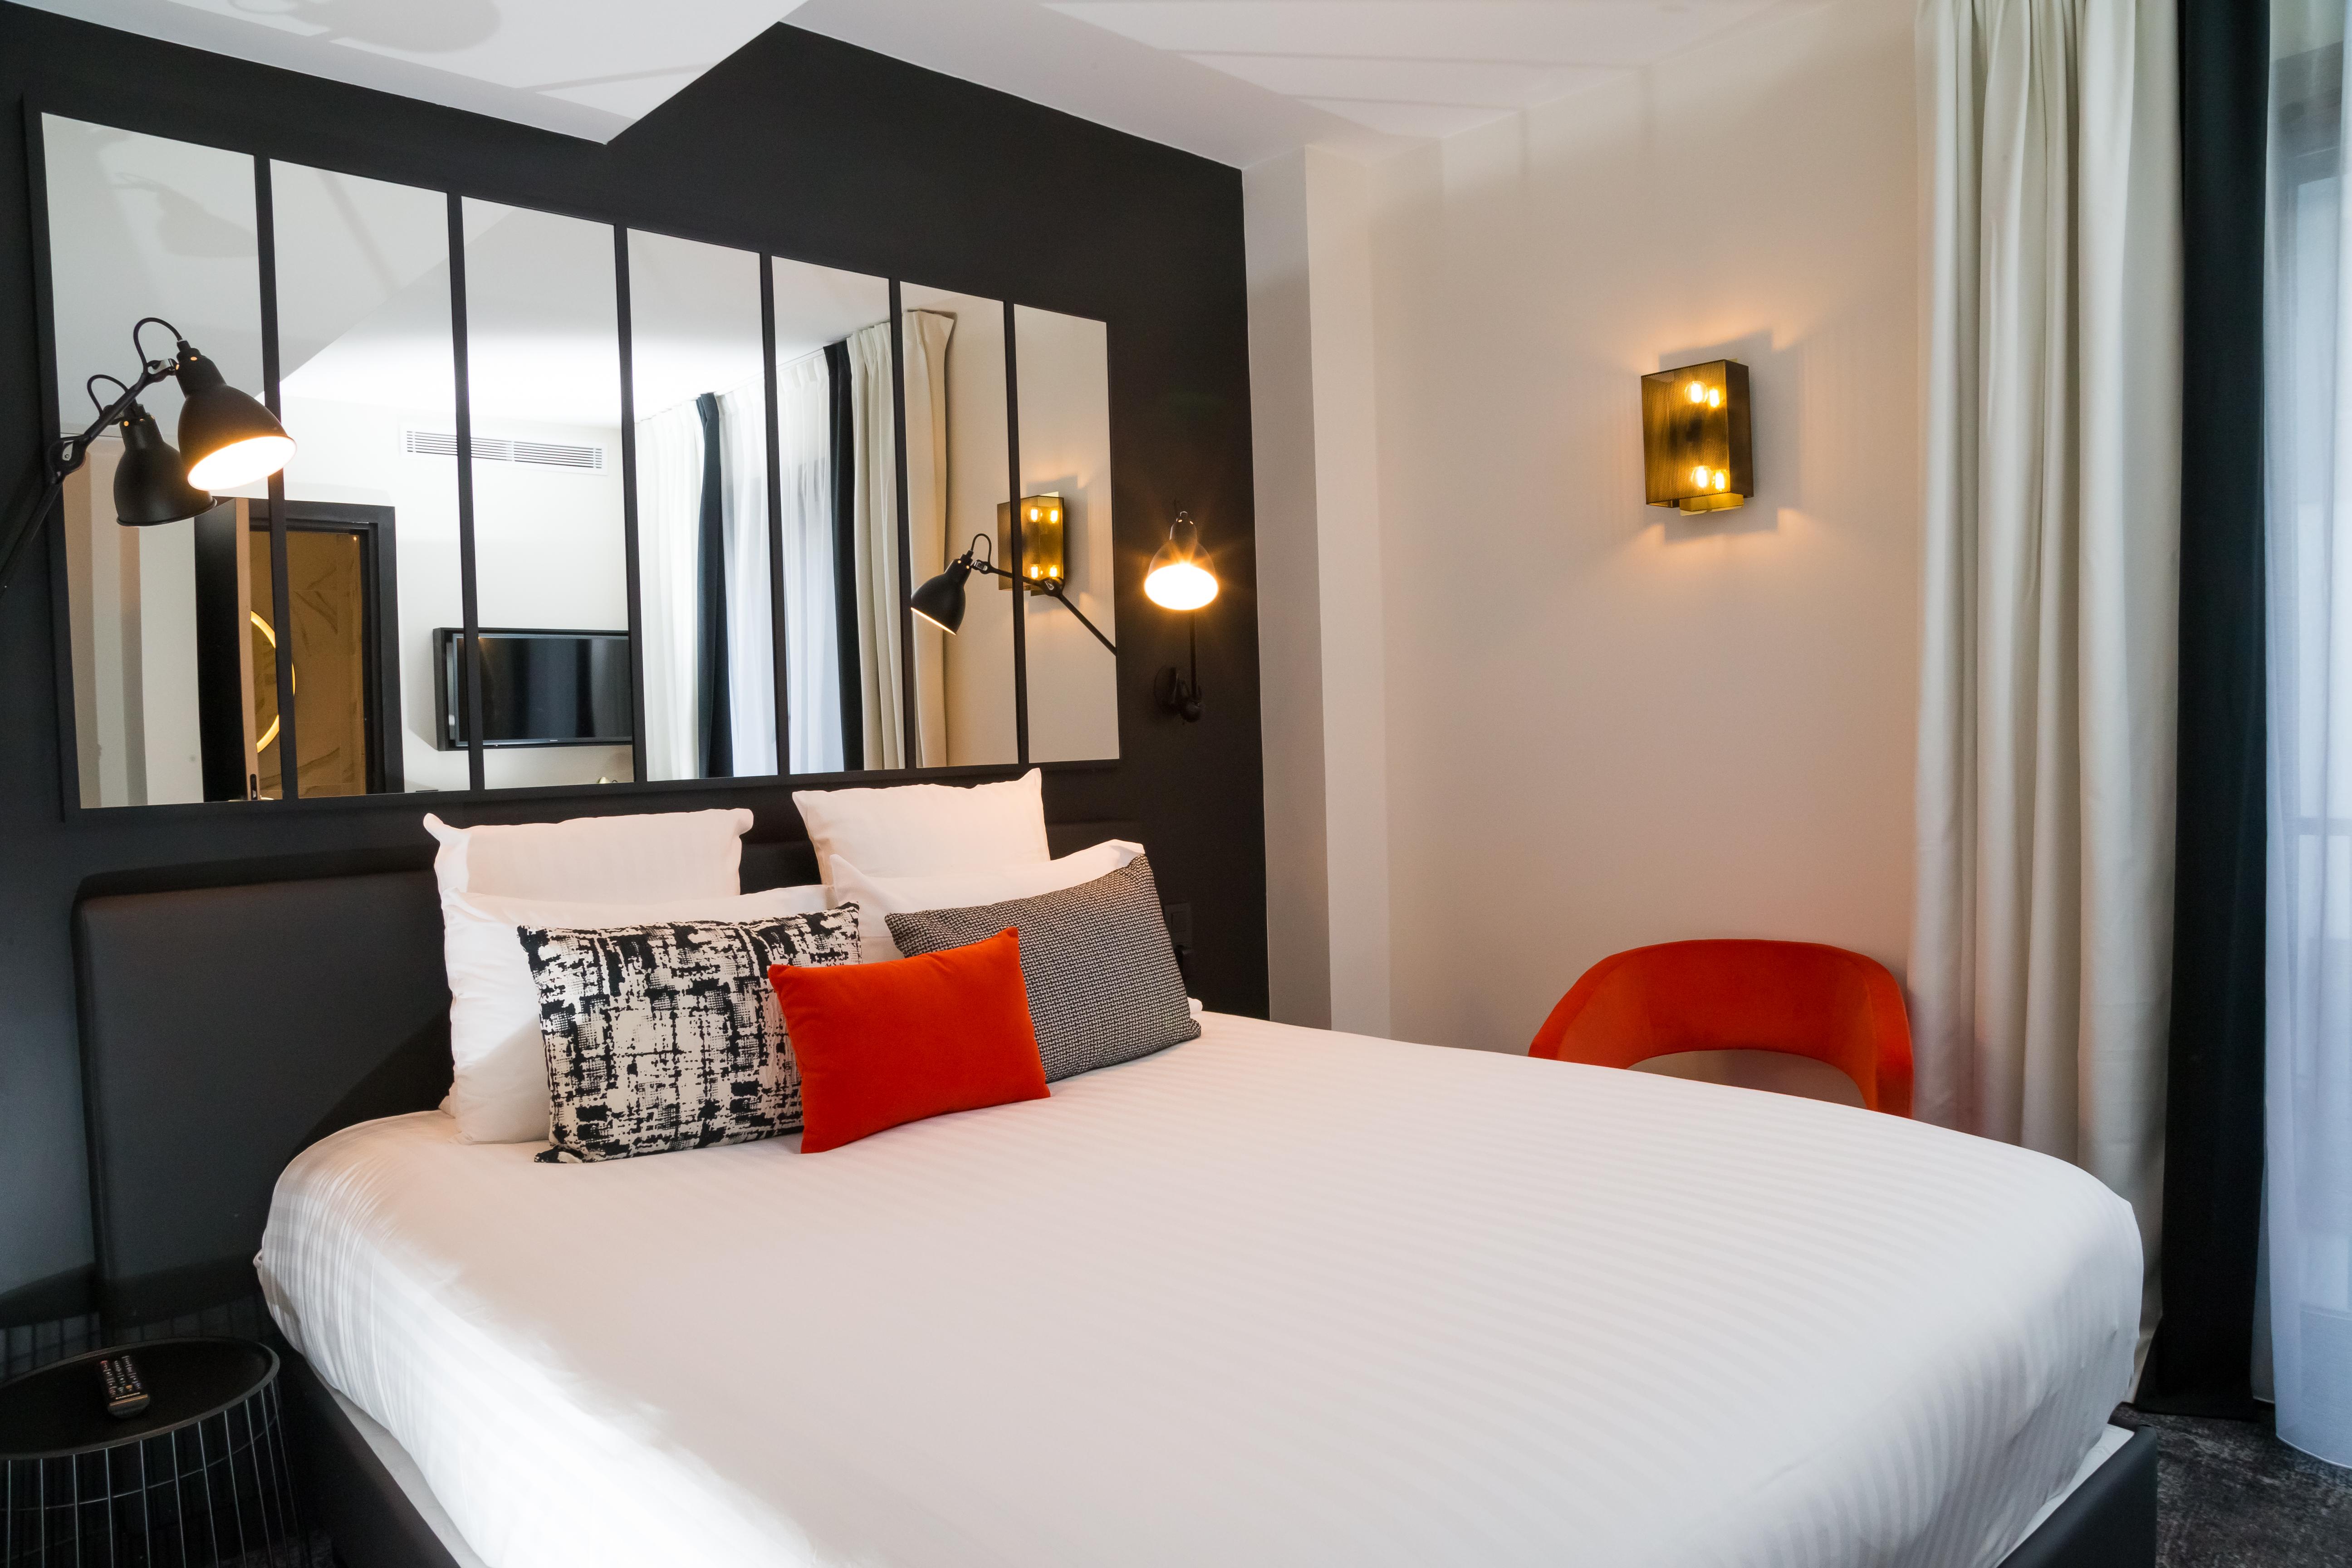 galerie photos des h tels de suitcase hospitality suitcase hospitality. Black Bedroom Furniture Sets. Home Design Ideas